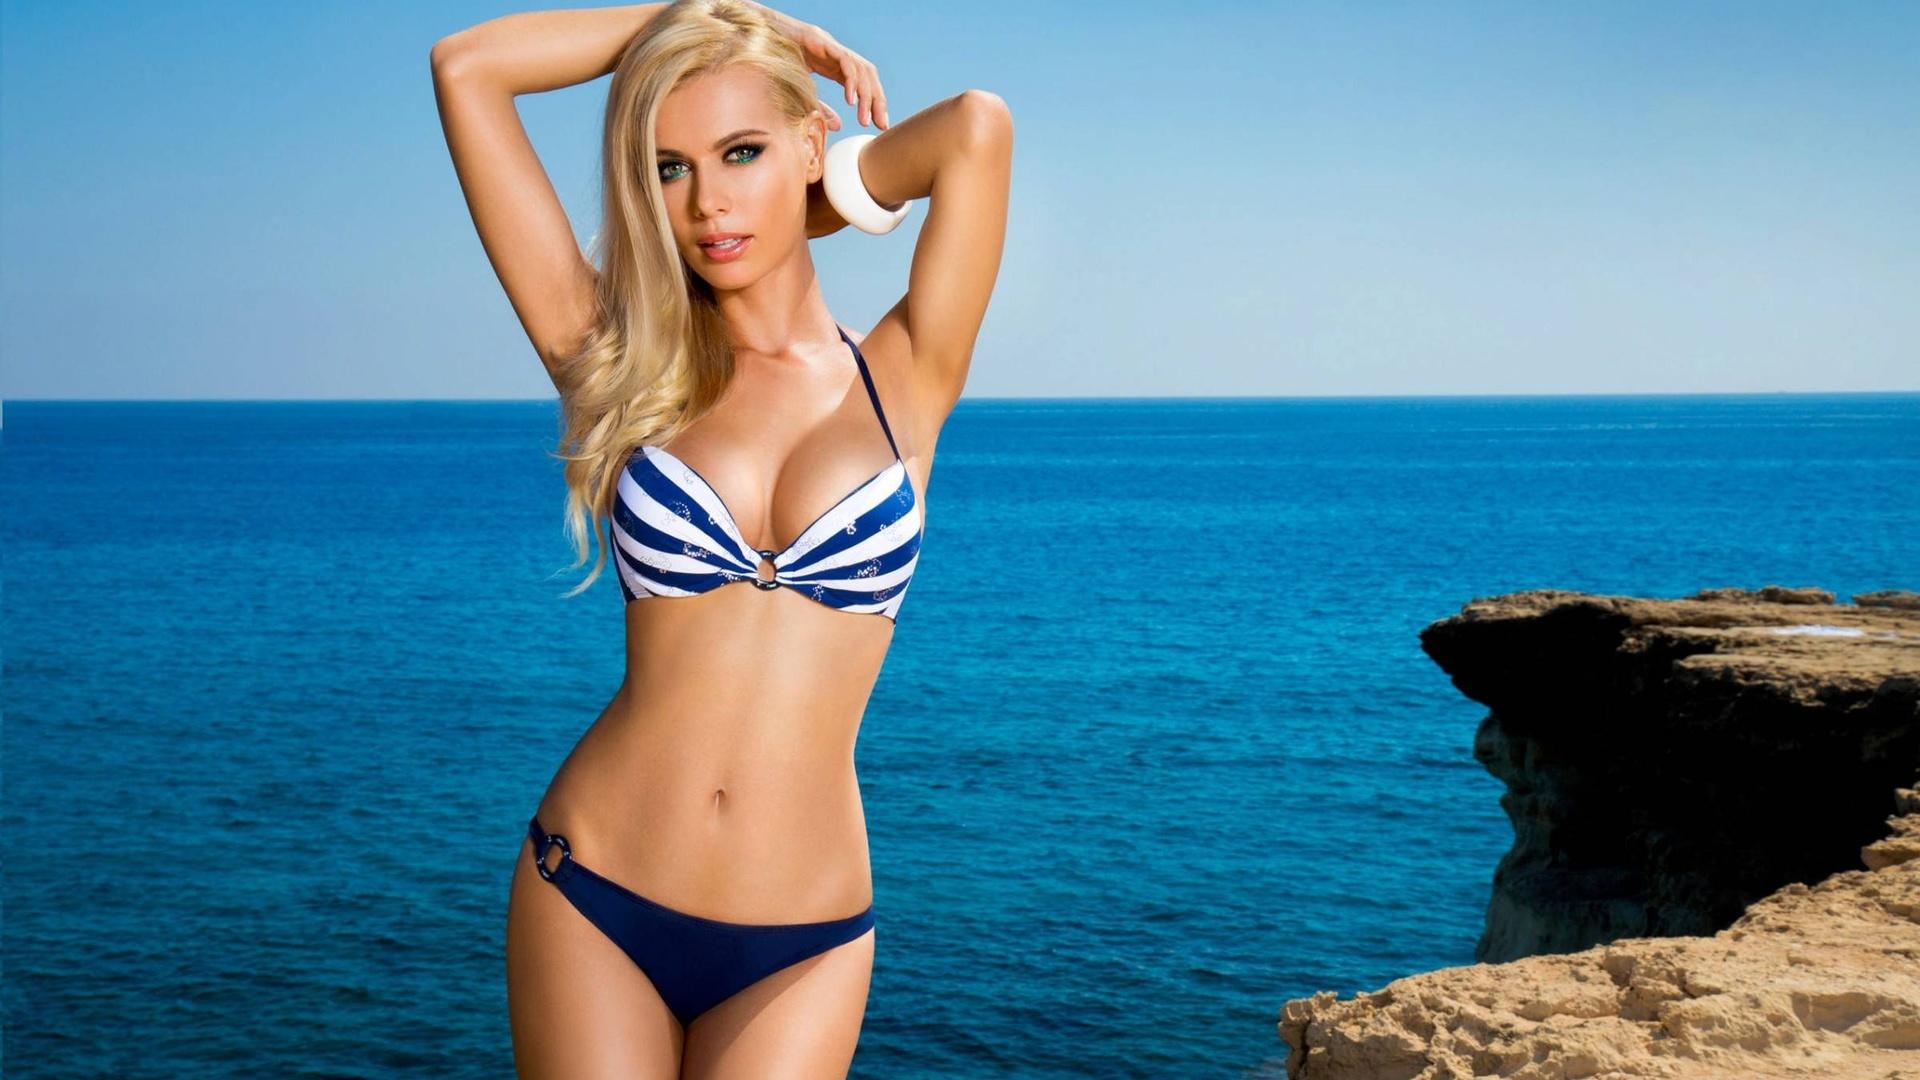 Самая красивая блондинка в купальнике